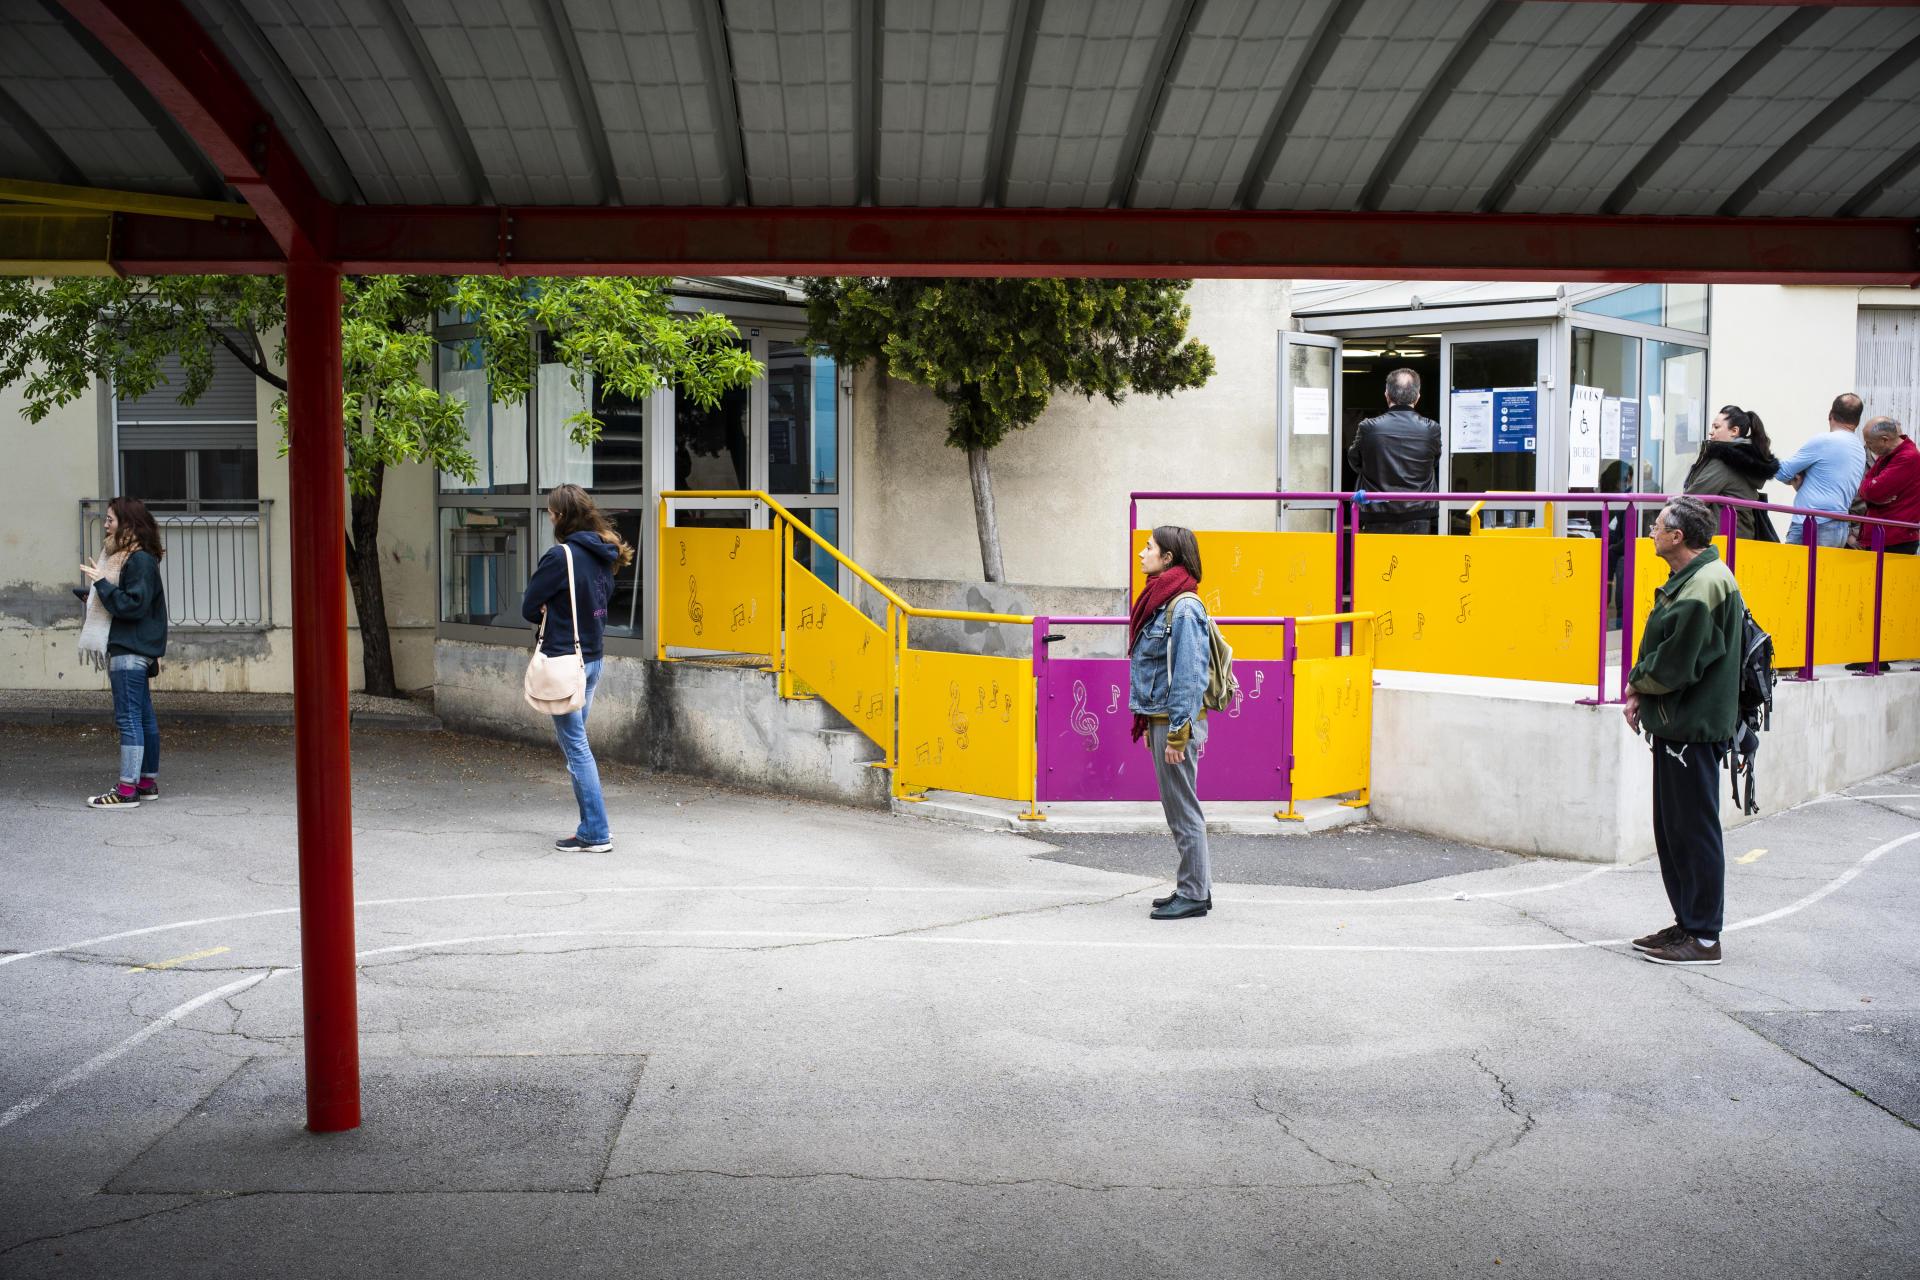 Dans un bureau de vote de Montpellier, le 15 mars 2020. Les électeurs respectent les distances de sécurité en faisant la queue pour accéder aux bureaux de vote.